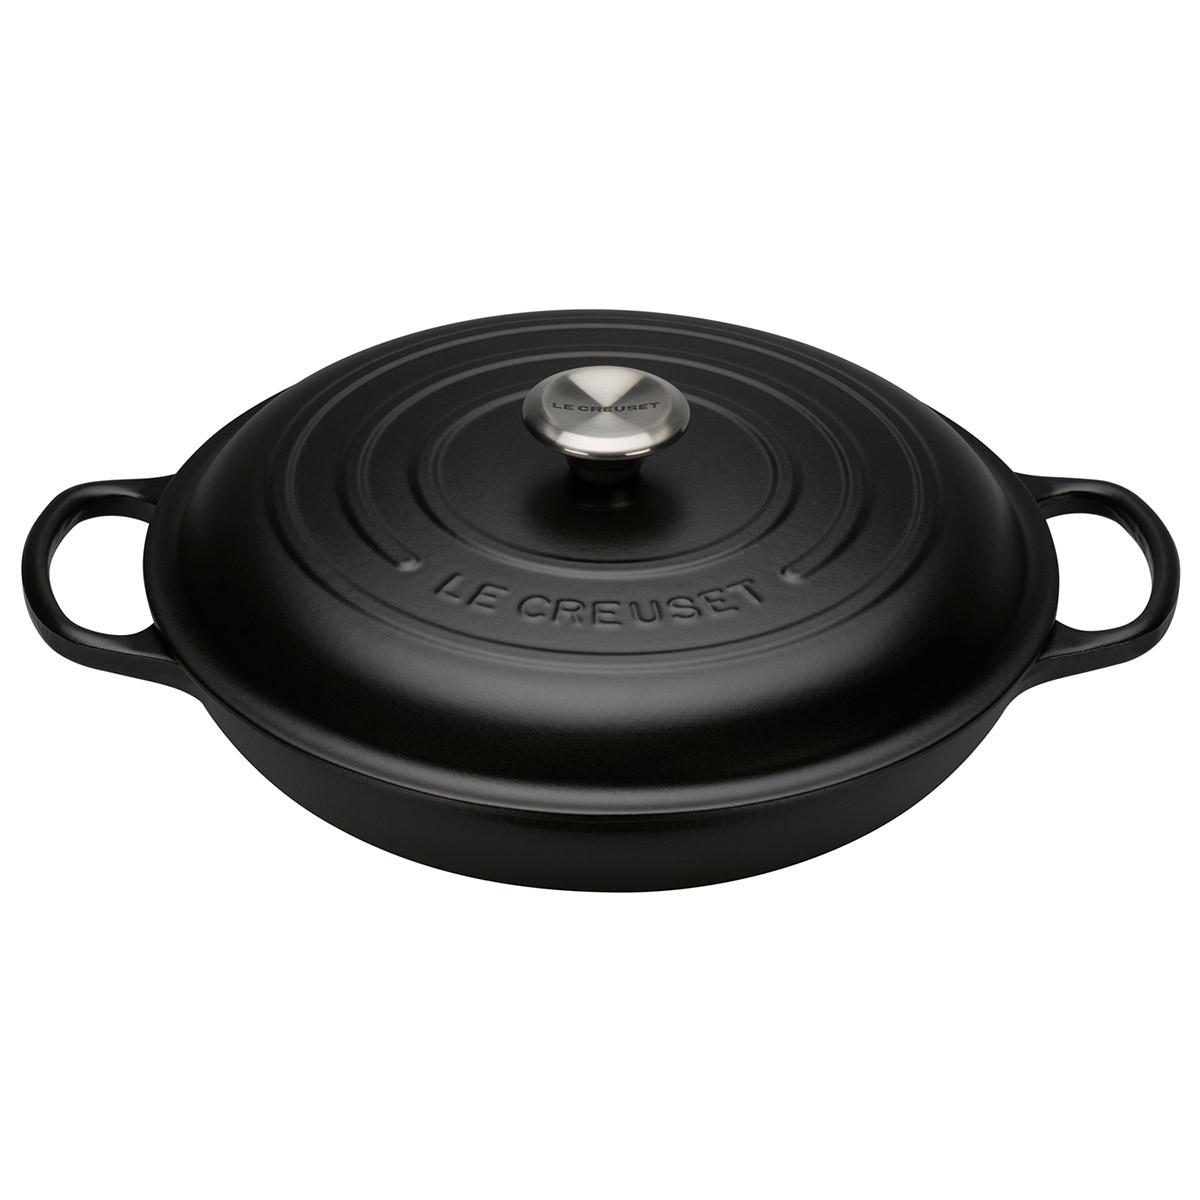 Le Creuset Signature Gourmet-Profitopf 30 cm schwarz